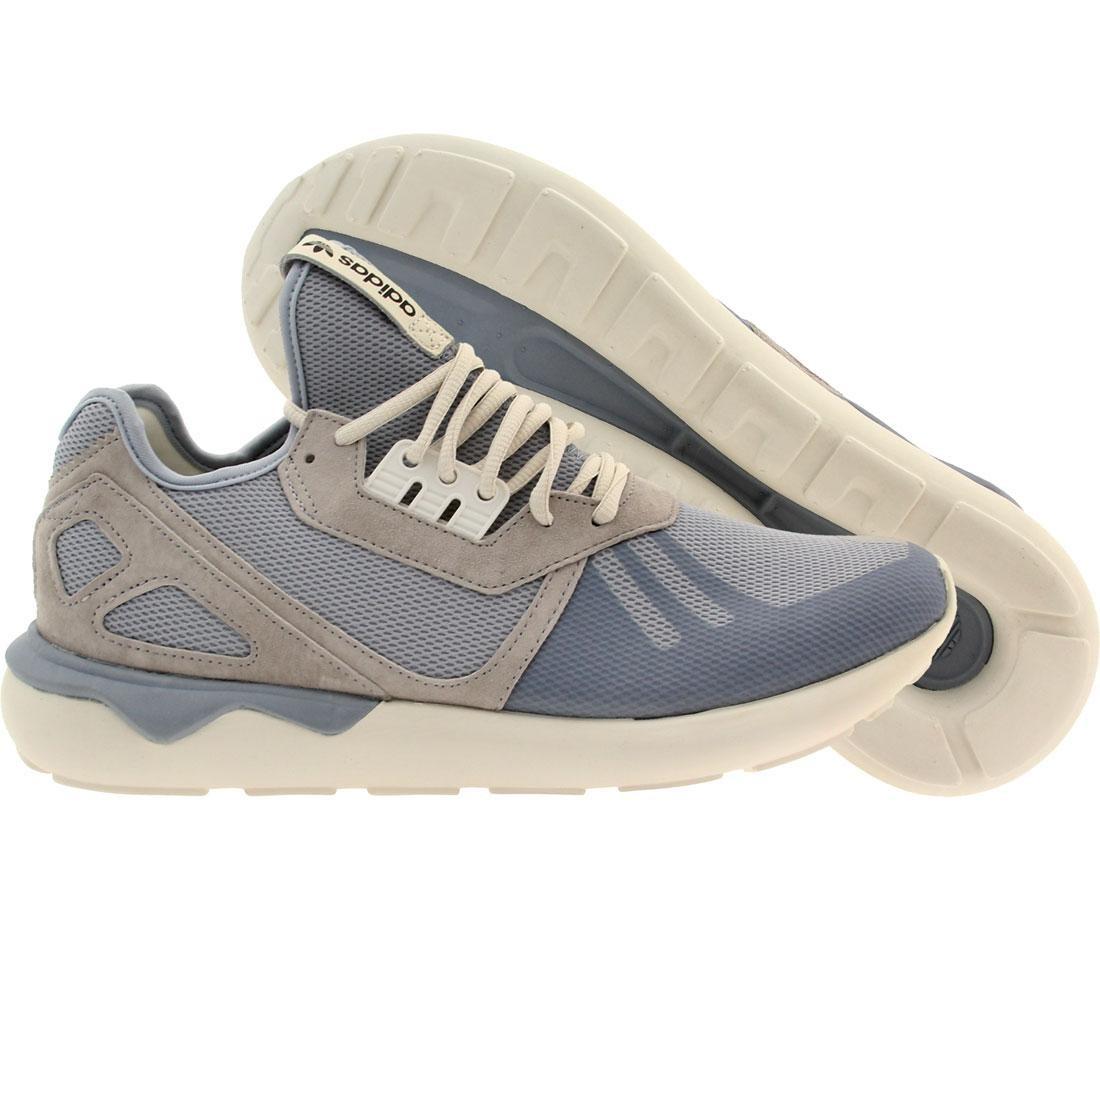 【海外限定】アディダス メンズ靴 スニーカー 【 ADIDAS MEN TUBULAR RUNNER BLUE DUSBLU WHITE 】